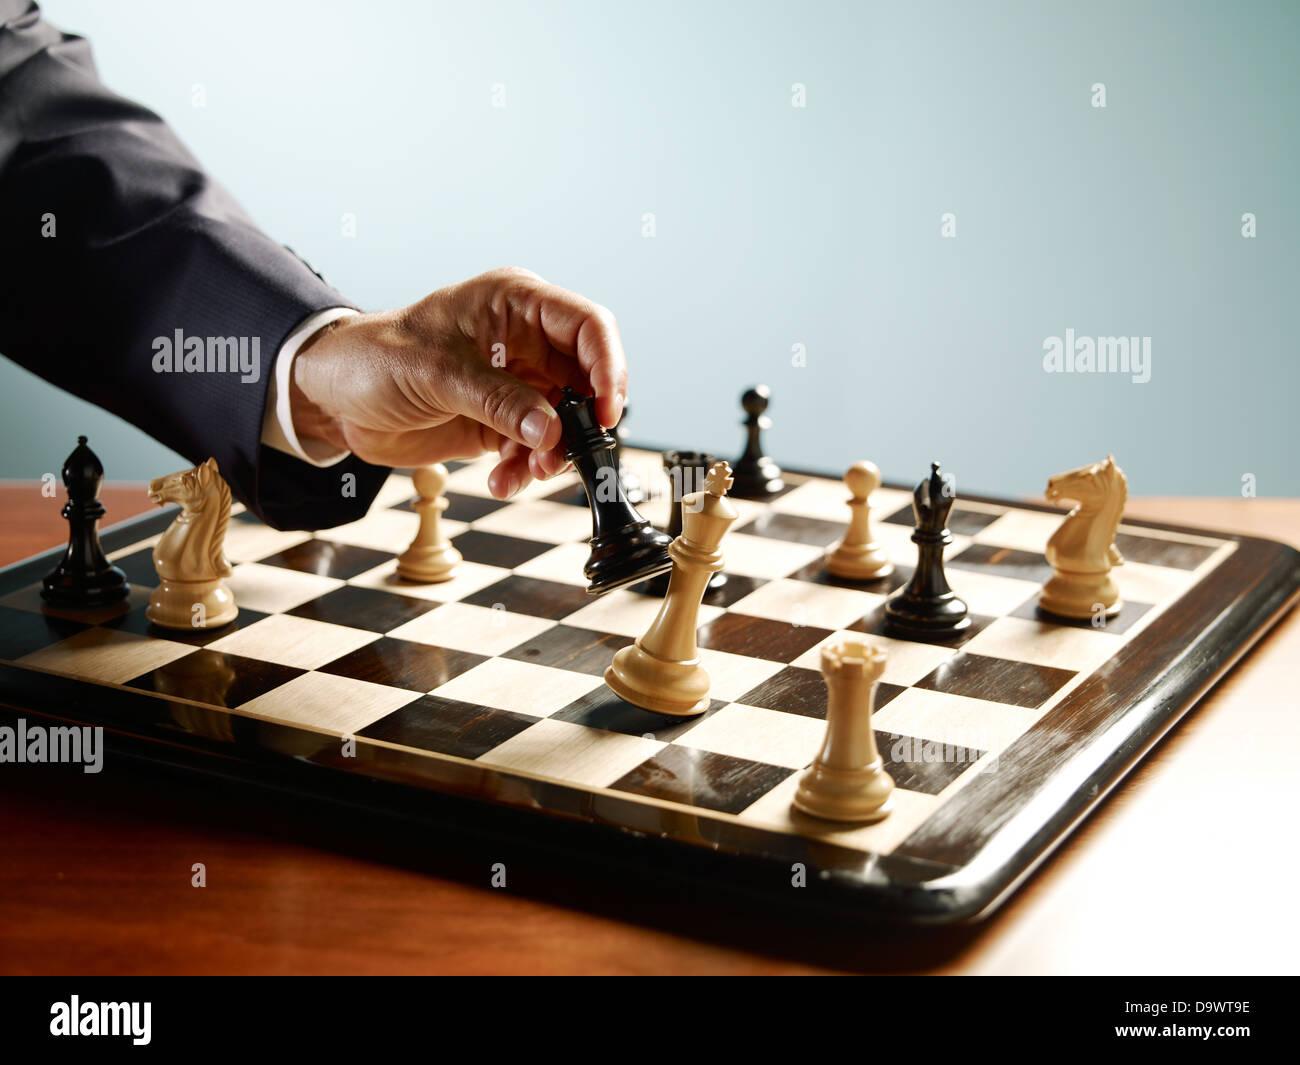 L'homme jouant aux échecs Banque D'Images